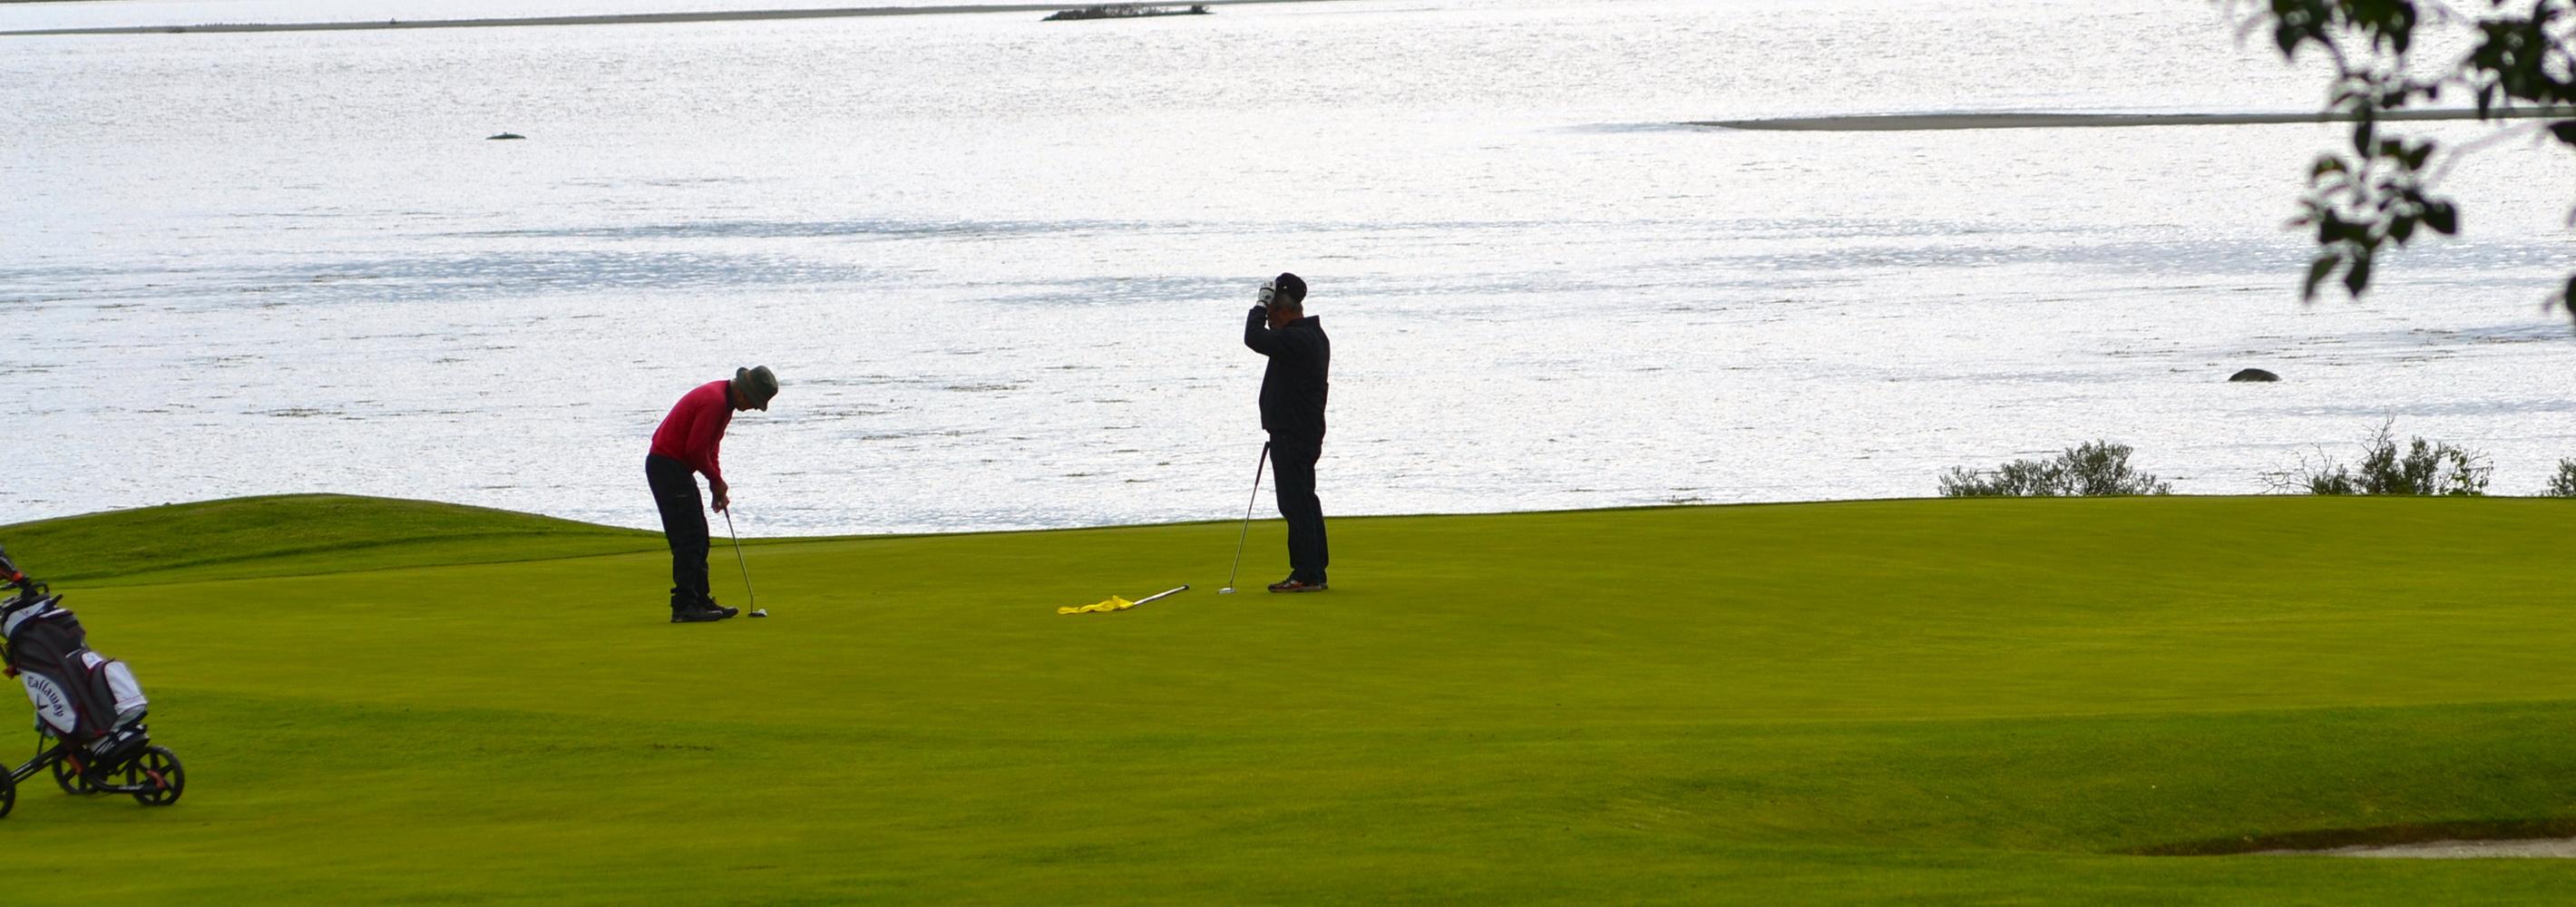 Stiklestad Golfklubb